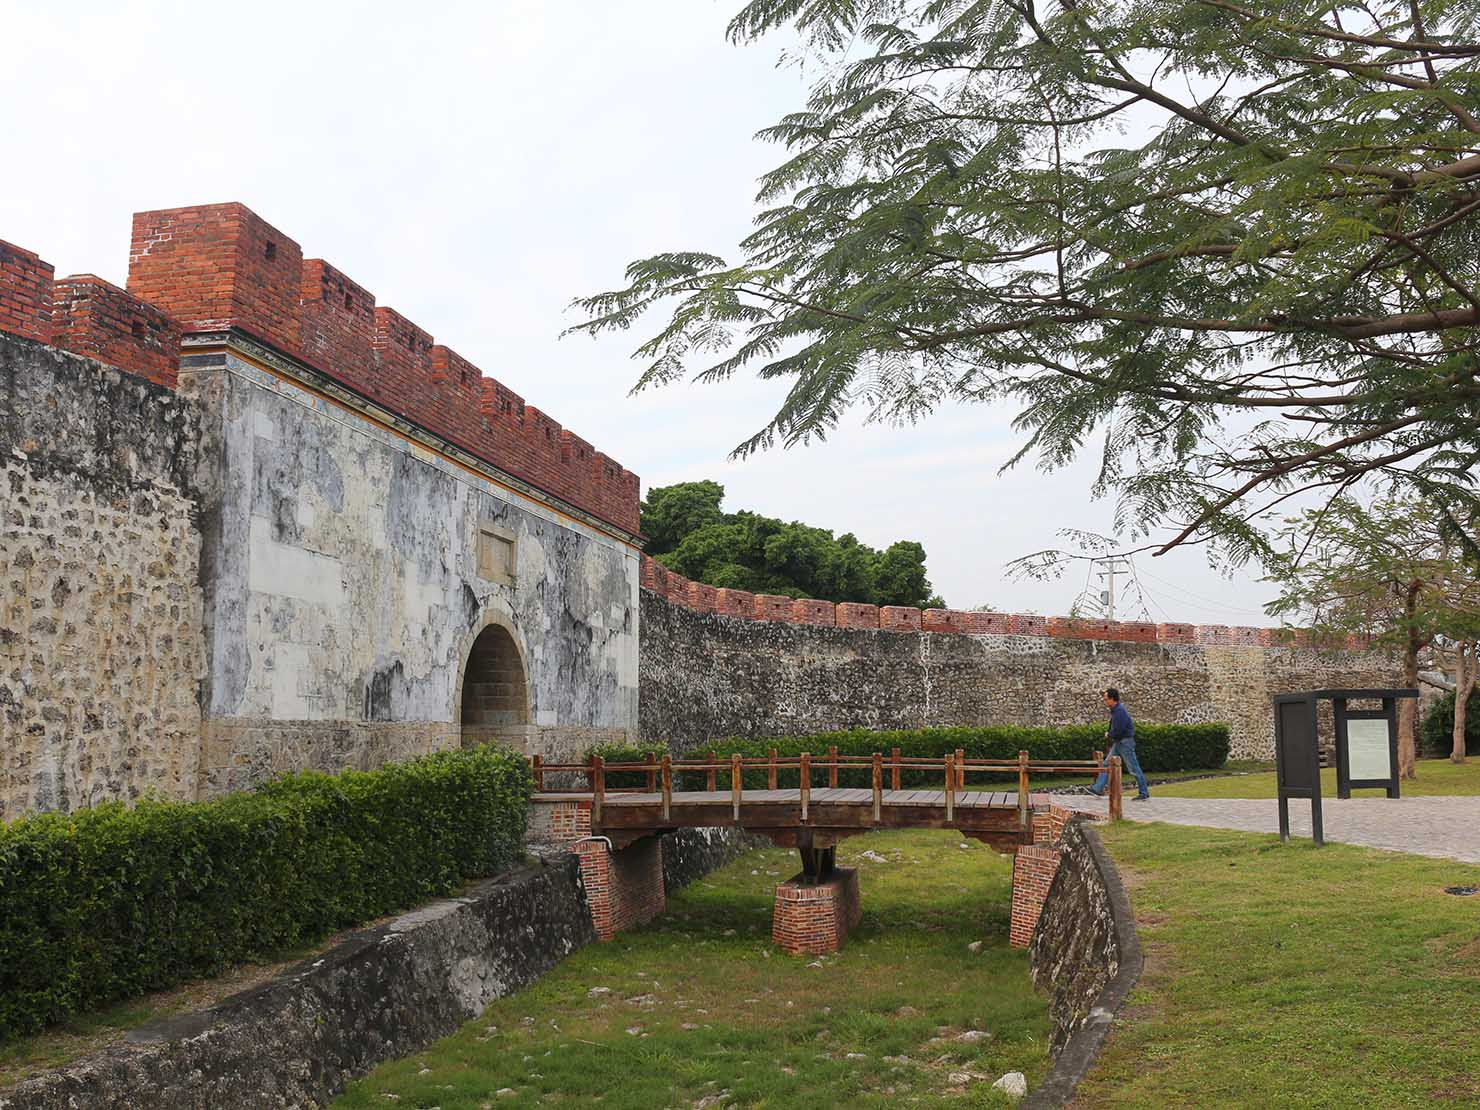 高雄のおすすめ観光スポット「左營」鳳山縣舊城の門